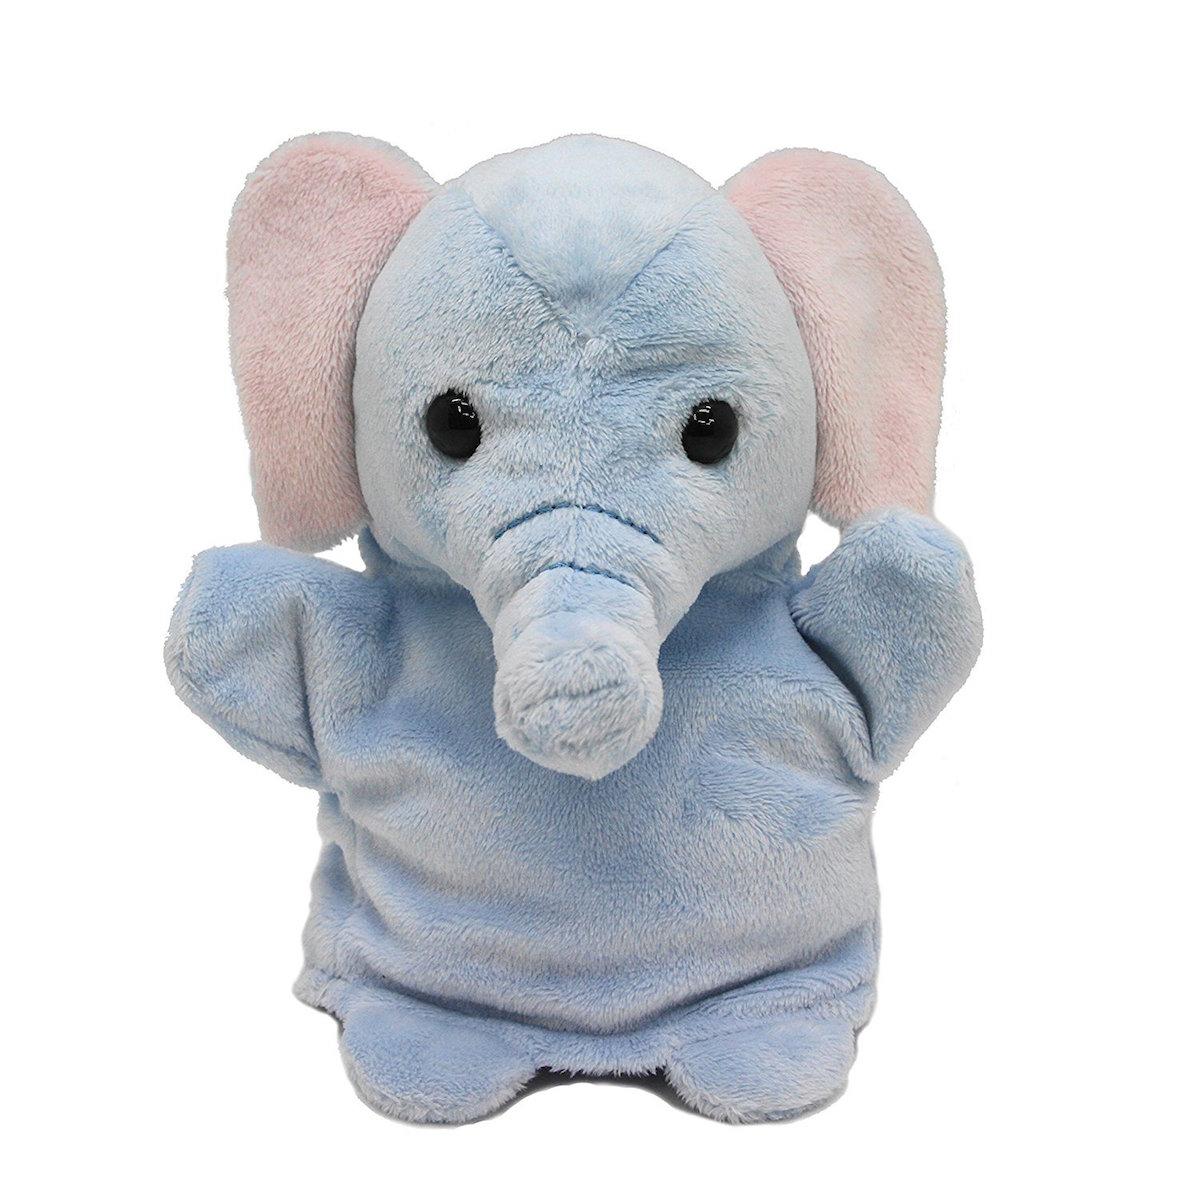 ゾウの可愛いハンドパペットです ネイチャーキッズ ハンドパペット ゾウ ぬいぐるみ チープ AURORA 陸の生き物 オーロラワールド WORLD 購買